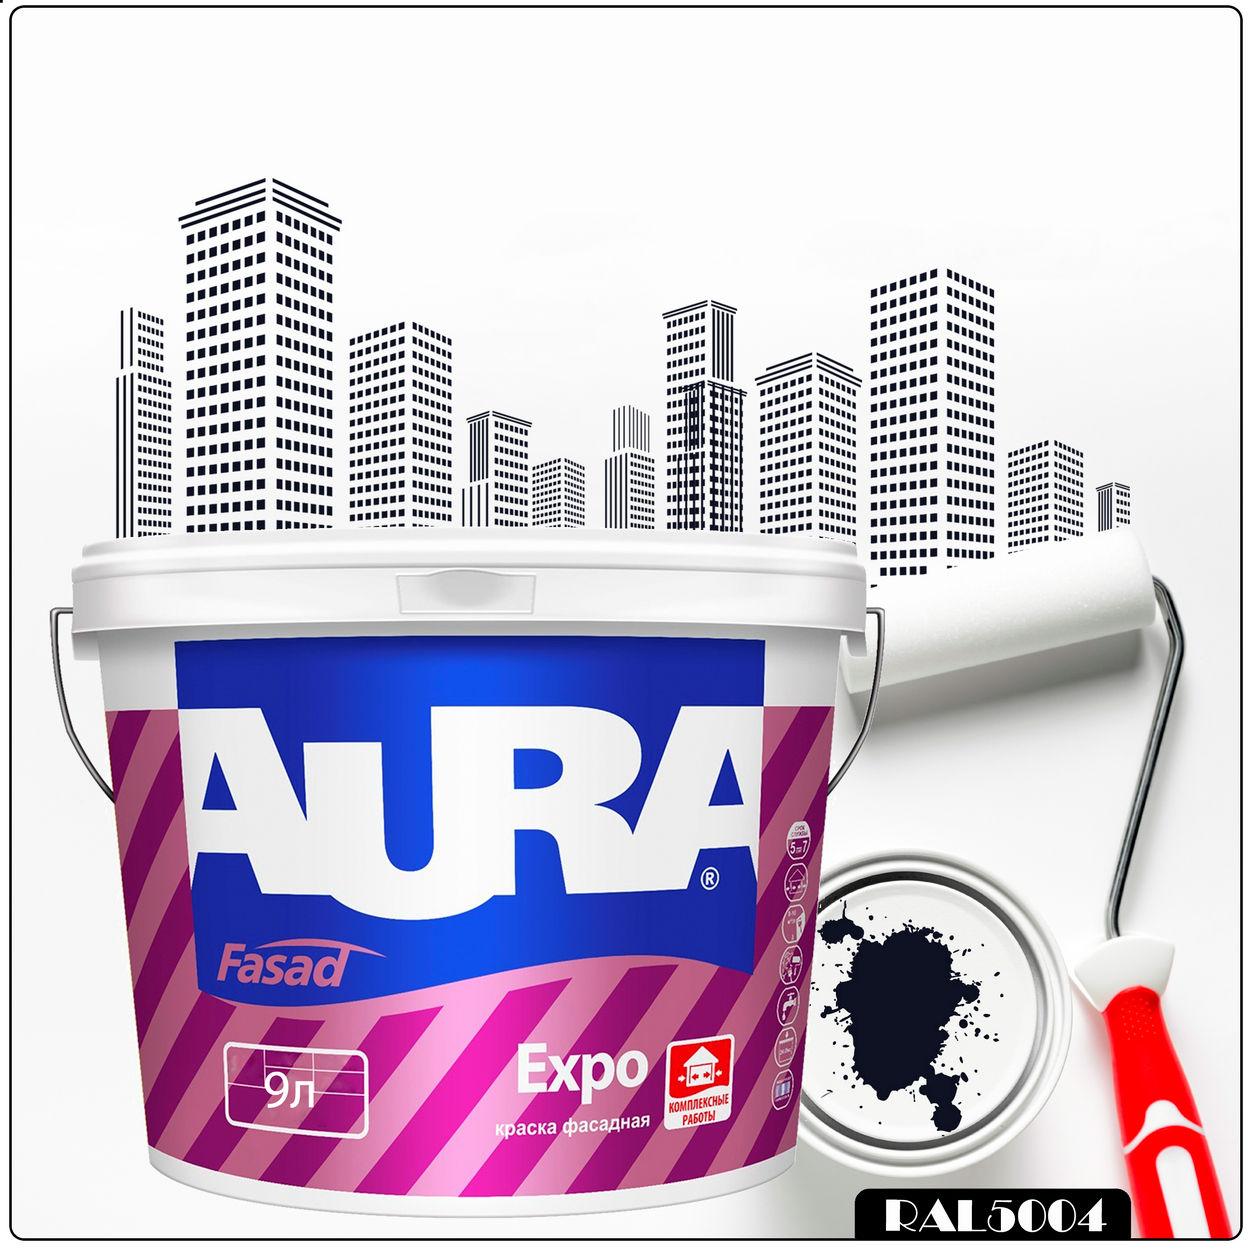 Фото 5 - Краска Aura Fasad Expo, RAL 5004 Чёрно-синий, матовая, для фасадов и помещений с повышенной влажностью, 9л.